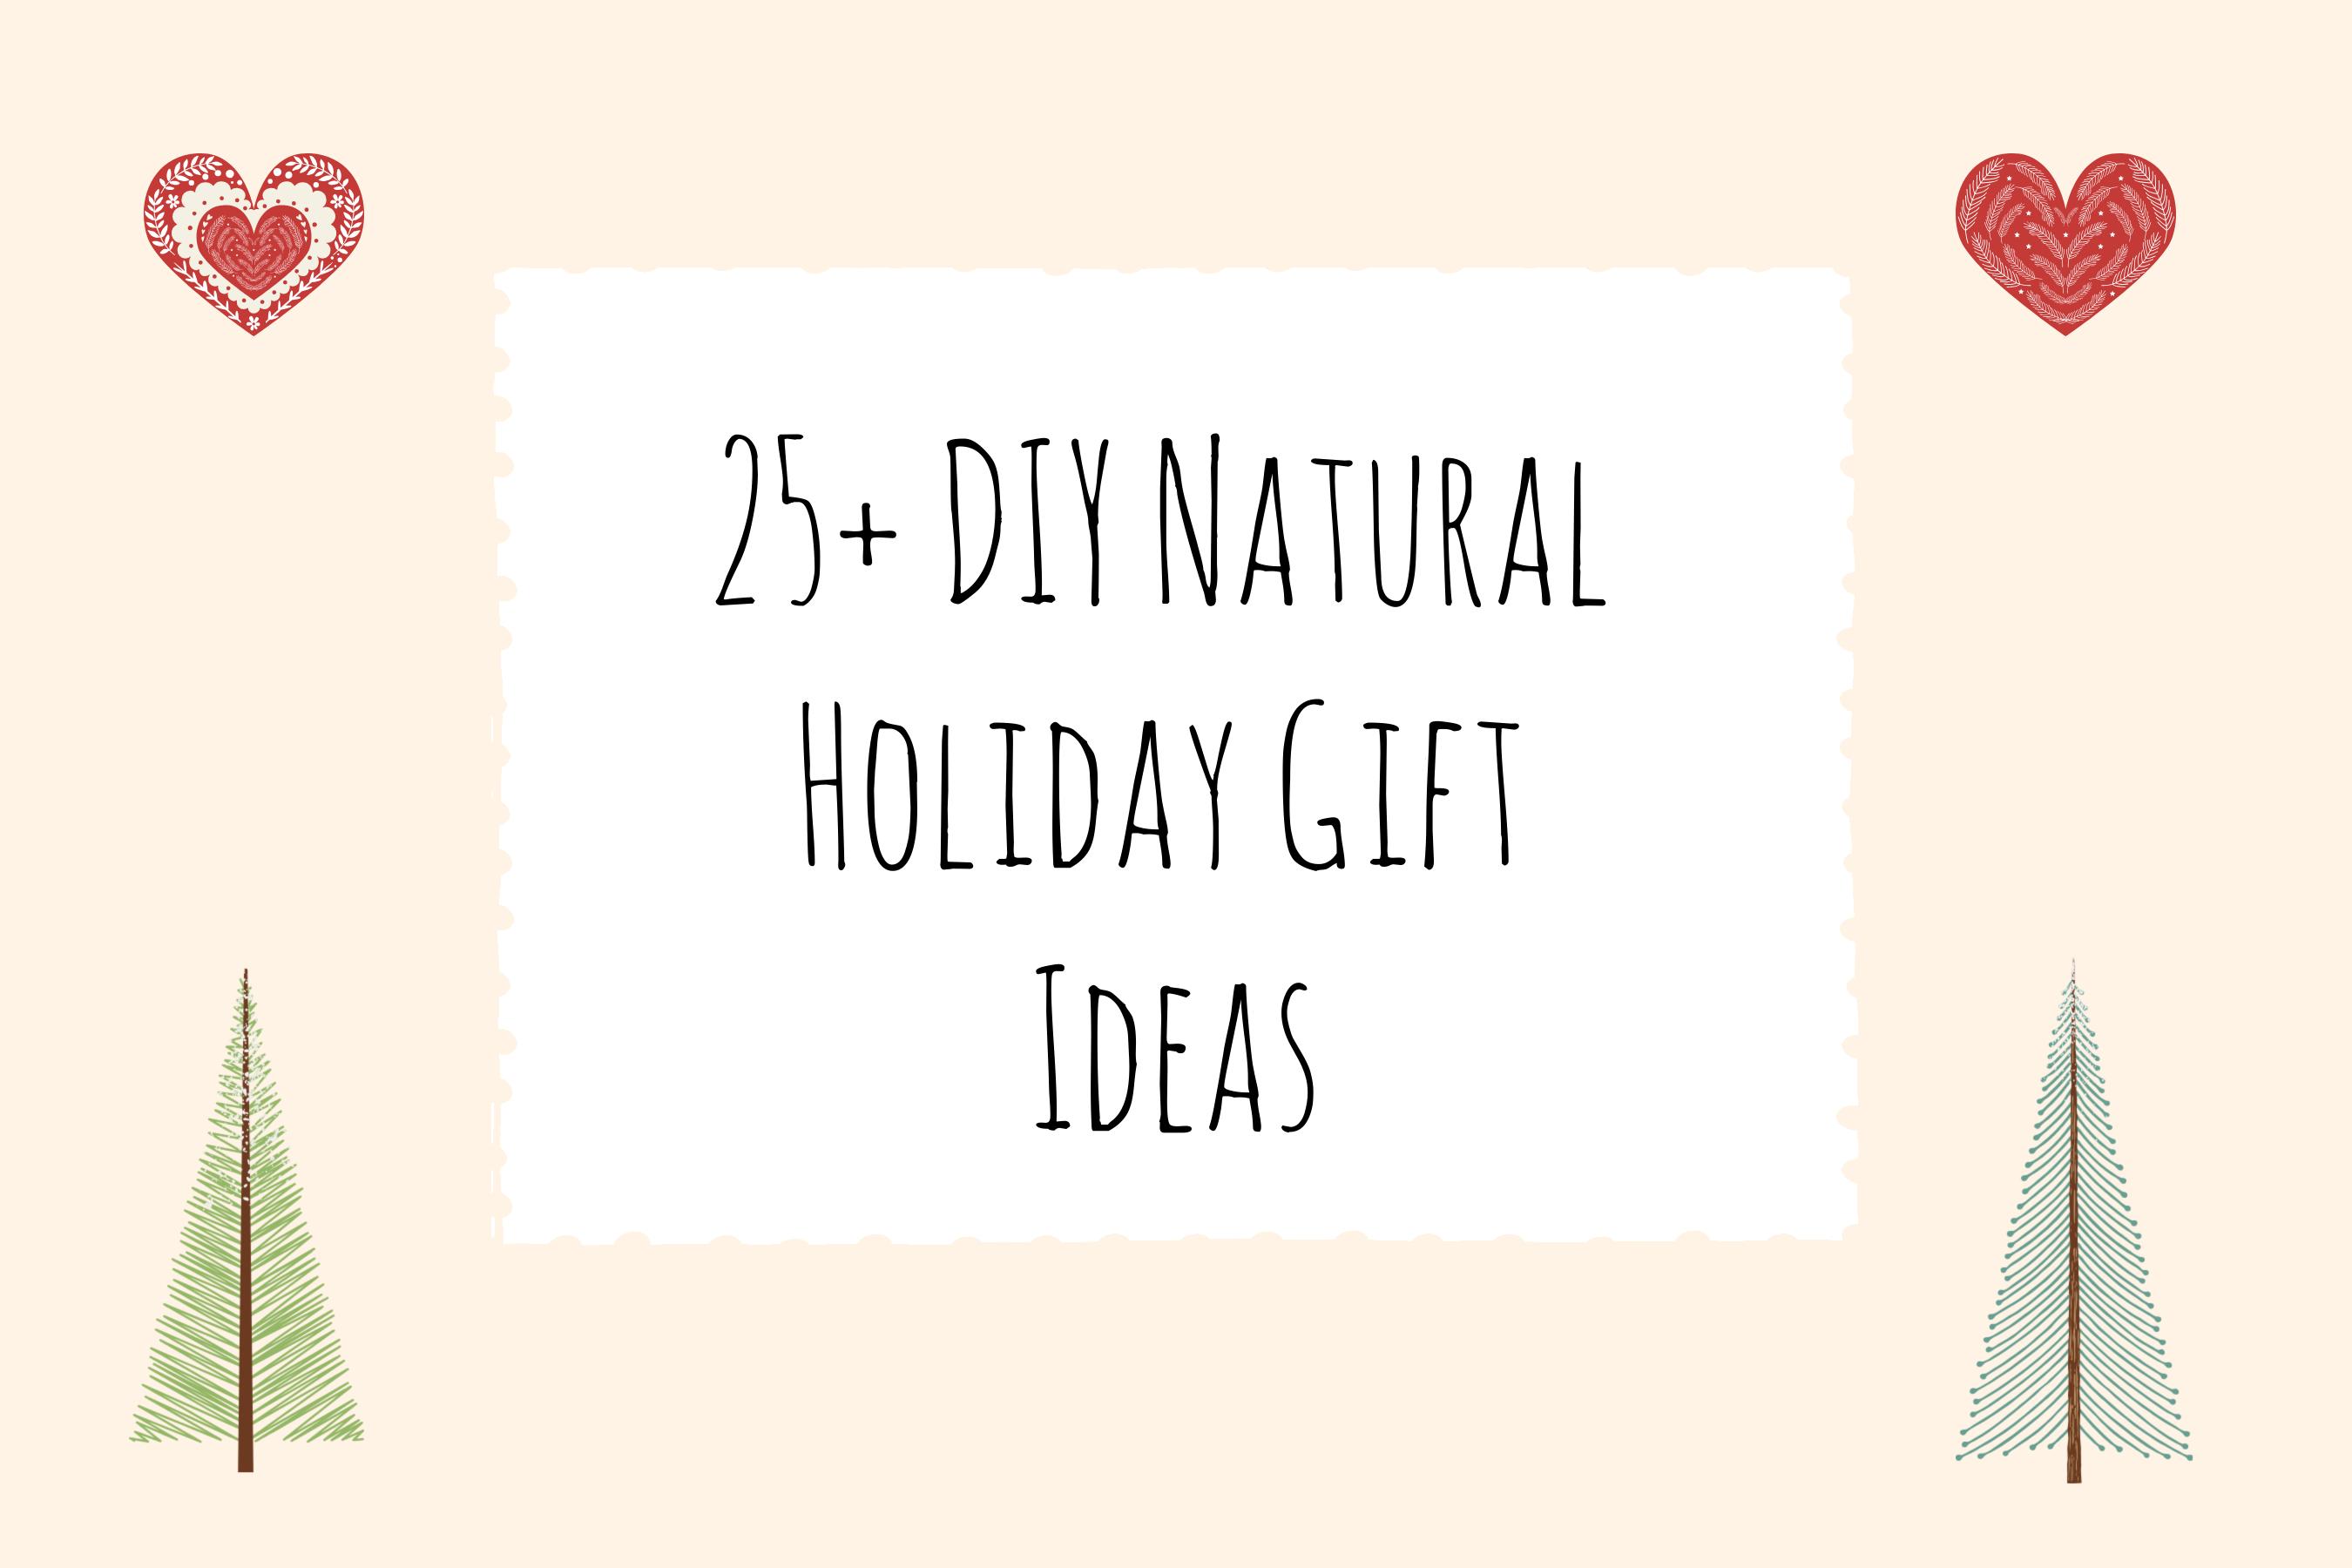 DIY-natural-holiday-gift-ideas